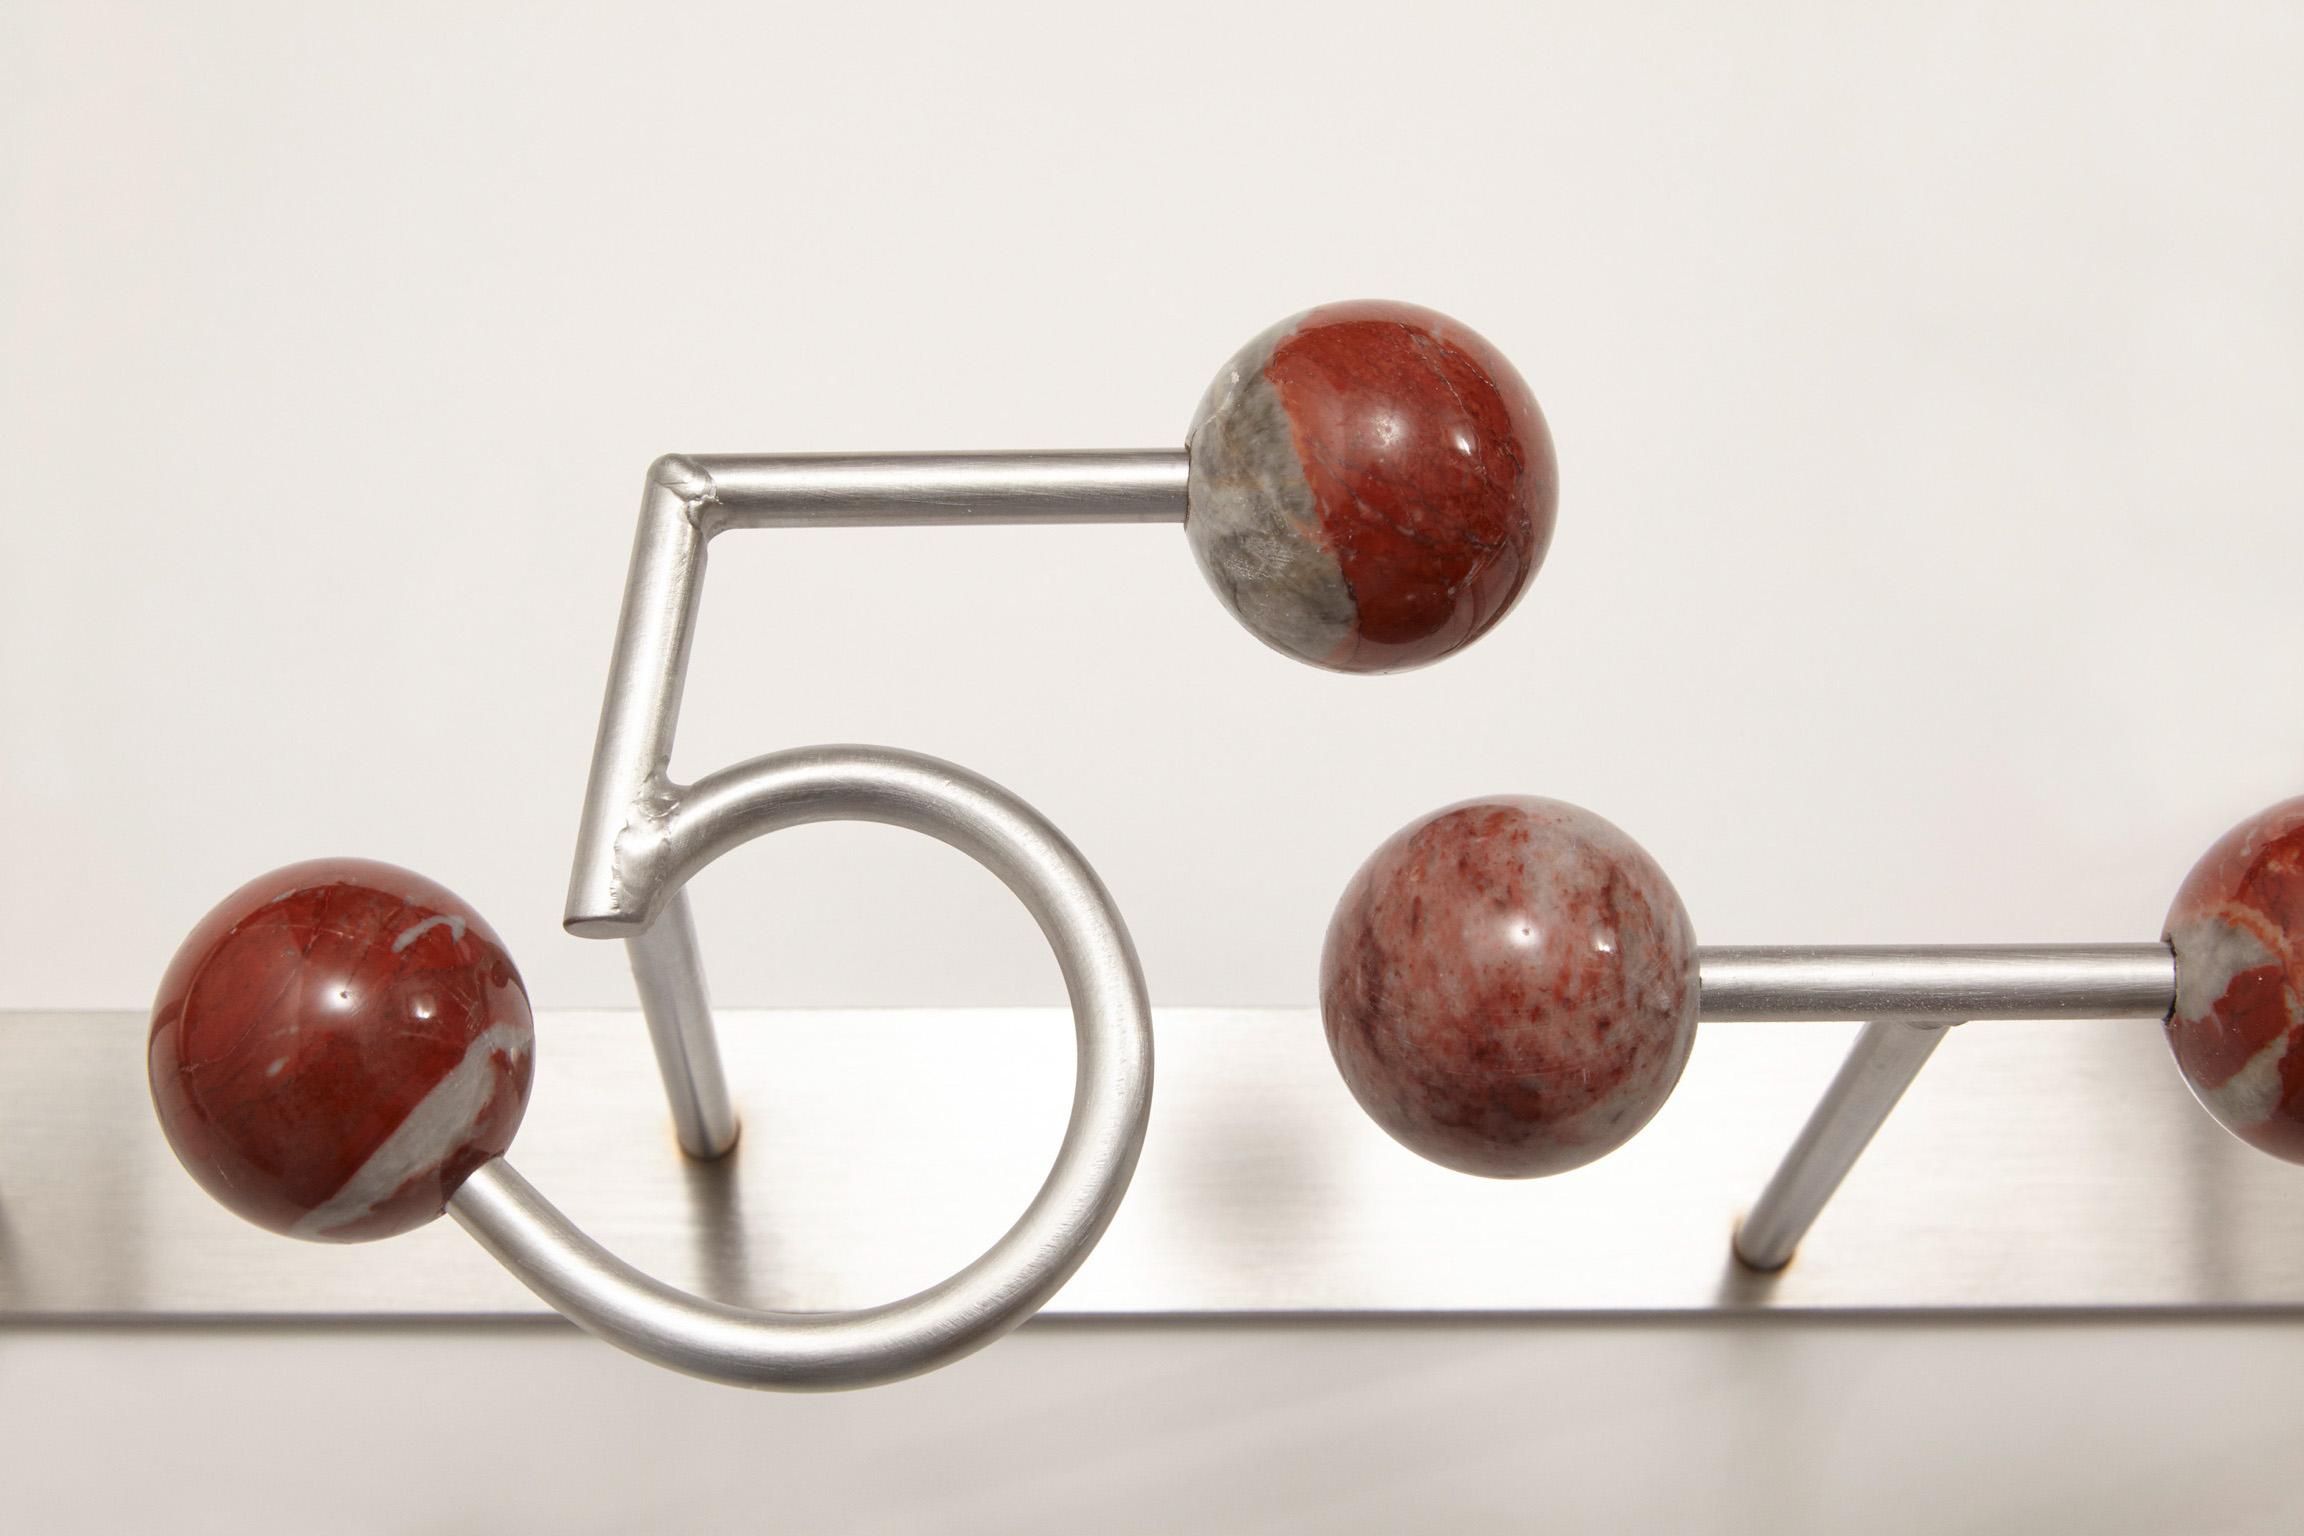 15-LOVE (det), 2017 marmo rosso Francia Languedoc Classico, acciaio  95x18x16 cm macchina da musica spartito musicale ombra scultura dot punto Eams